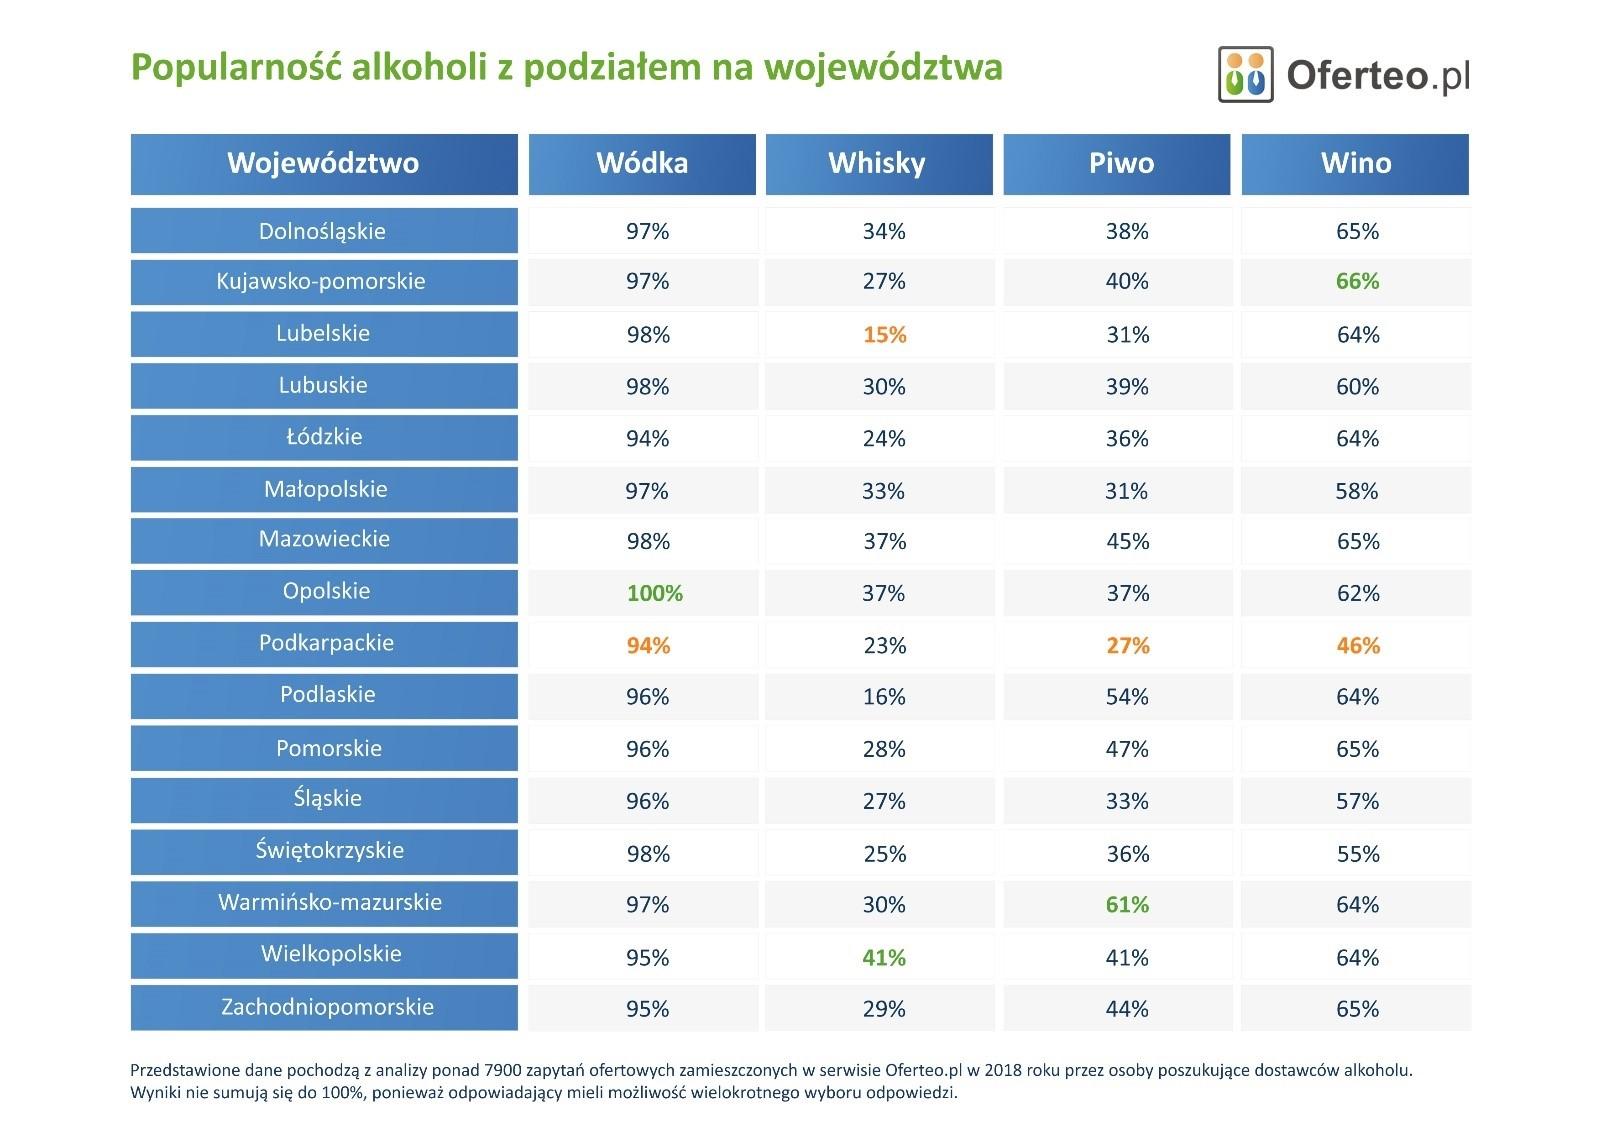 Popularność alkoholi z podziałem na województwa